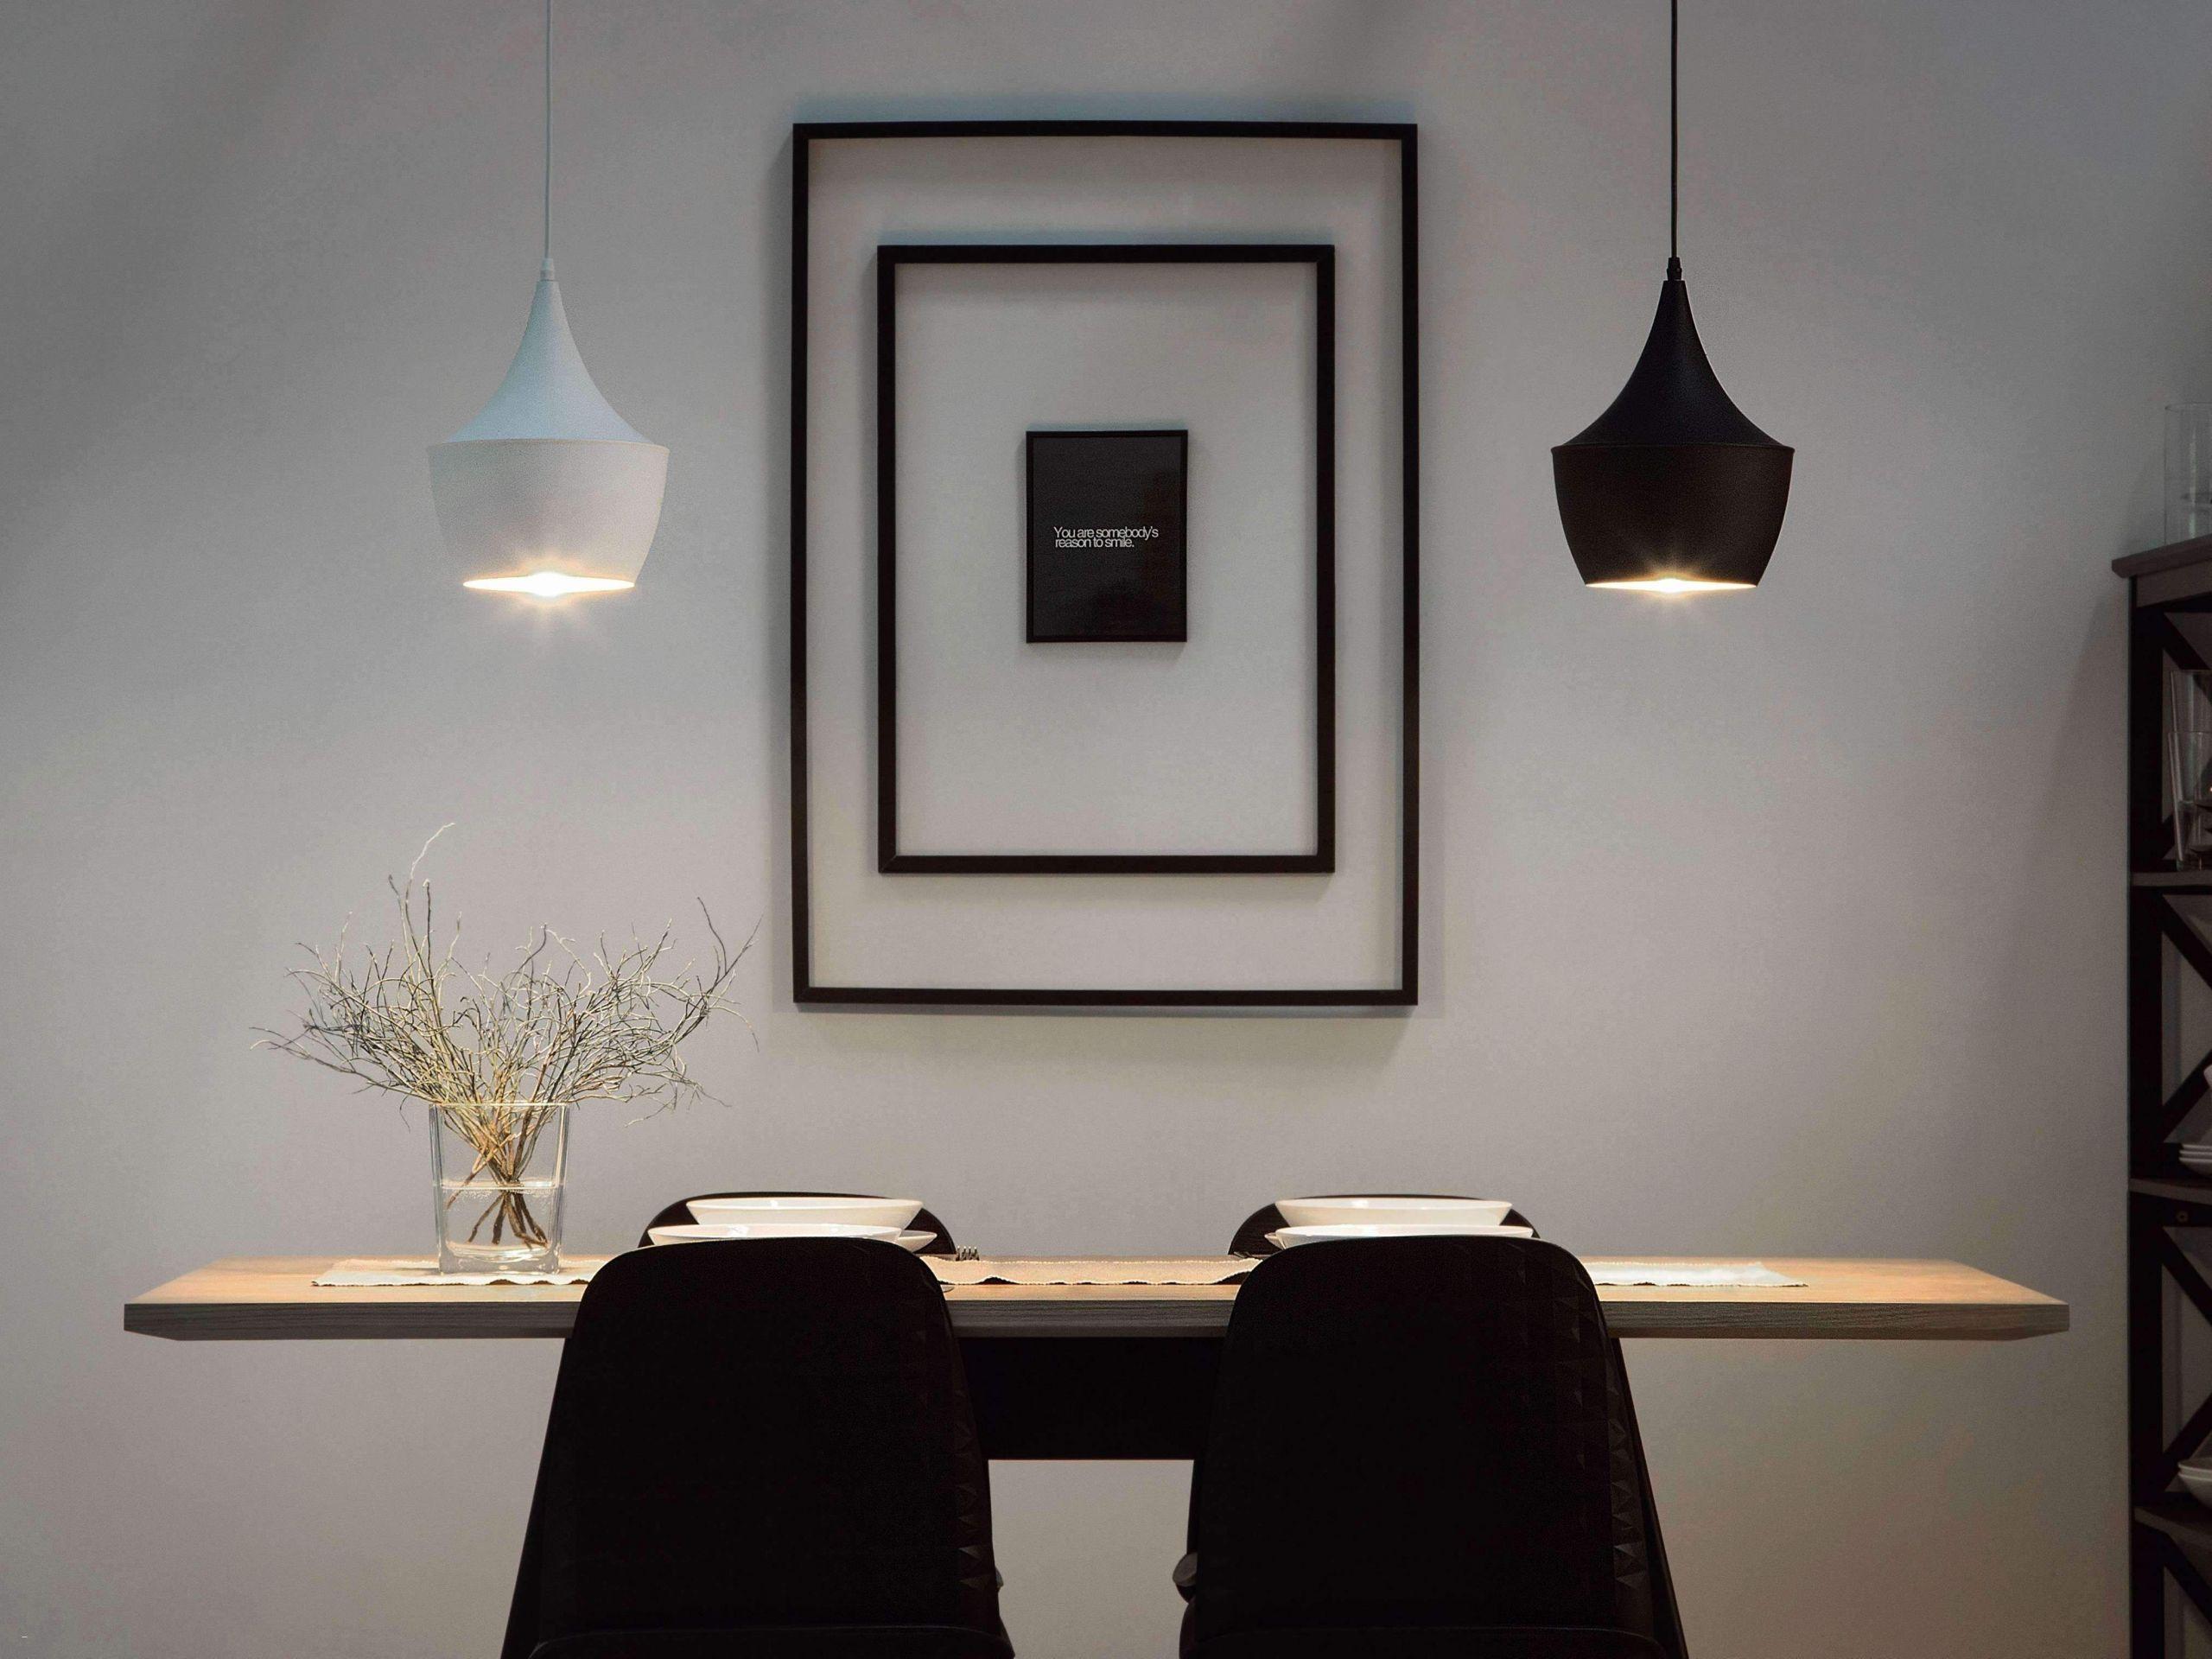 Full Size of Wohnzimmer Lampe Stehend Holz Led Klein Ikea Lampen Design Zuhause Stehlampe Schlafzimmer Fototapeten Gardine Tapete Badezimmer Decke Sessel Bad Deckenleuchte Wohnzimmer Wohnzimmer Lampe Stehend